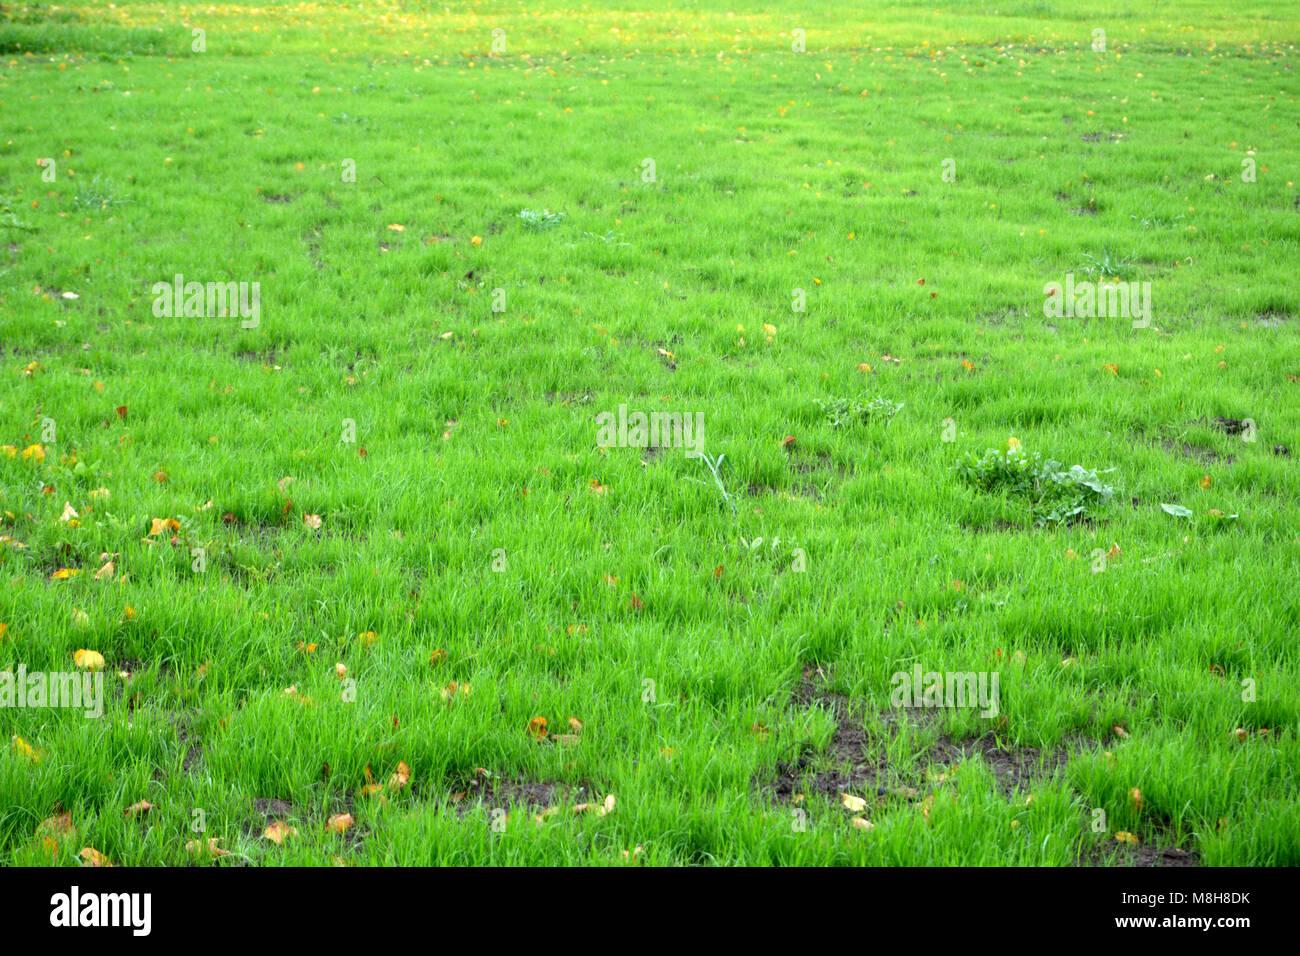 grassy background.html